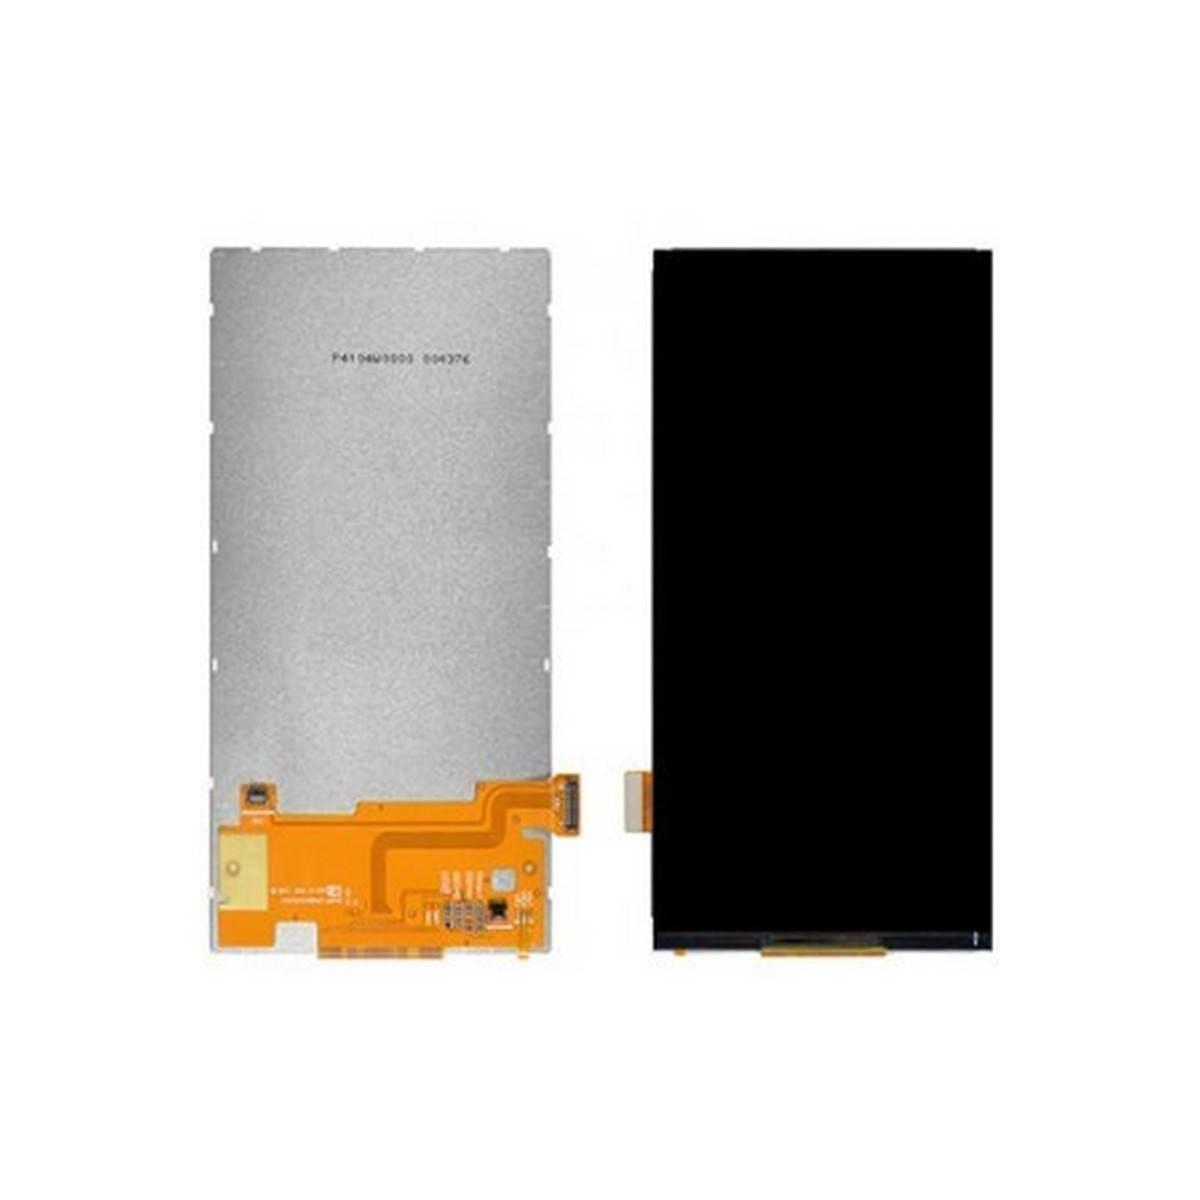 Pantalla Lcd DISPLAY Samsung Galaxy Grand 2 G7105